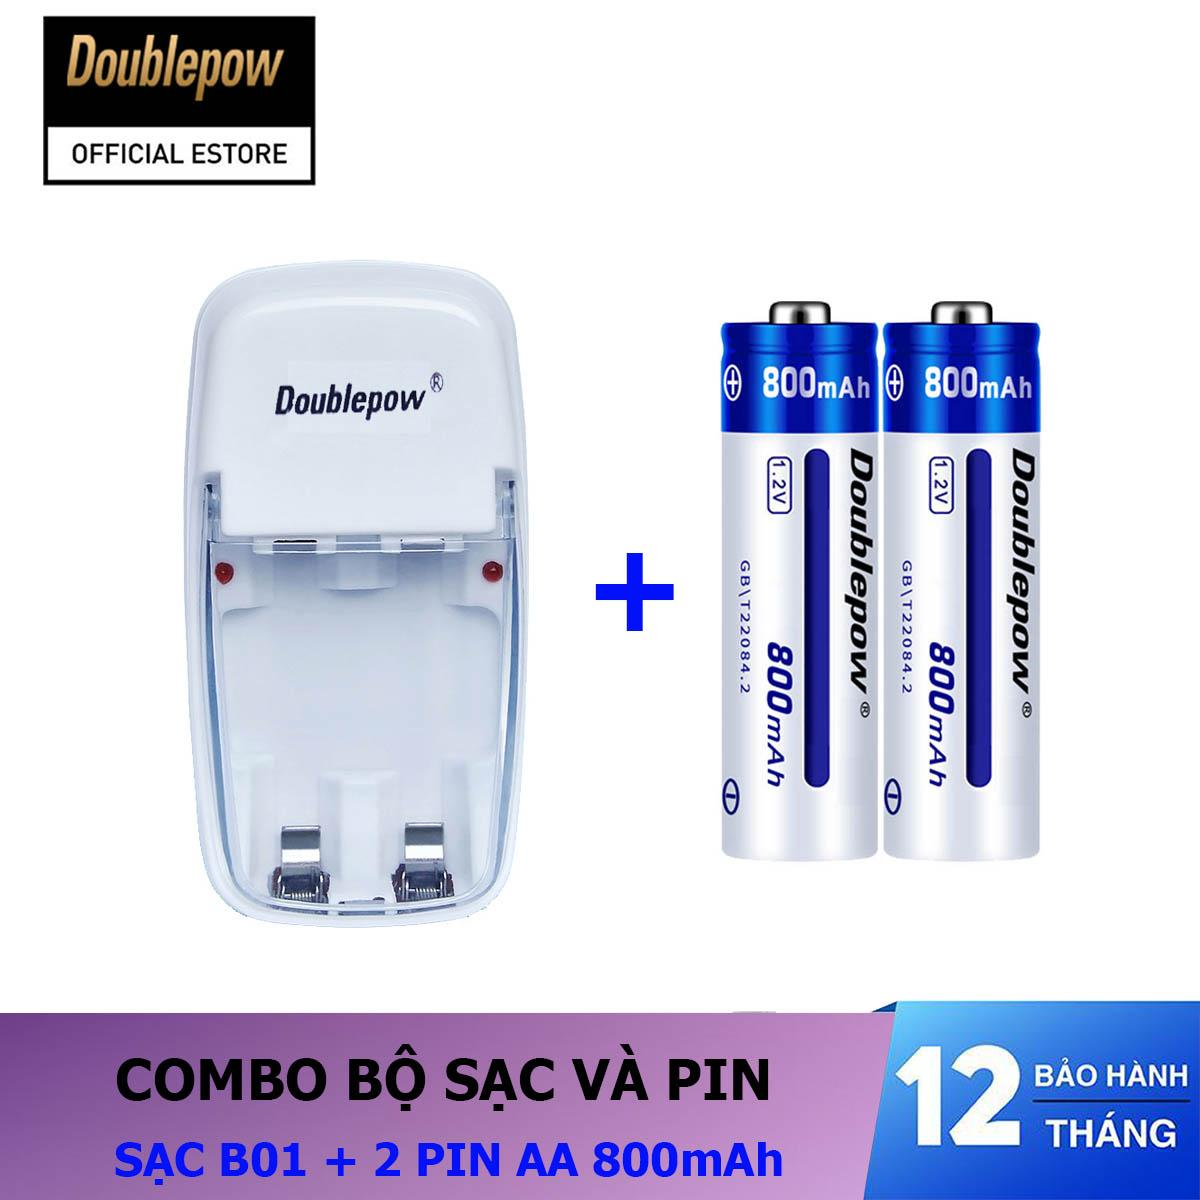 Giá Combo sạc pin 2 cổng B01 và 02 viên pin sạc AA 800mAh - Doublepow